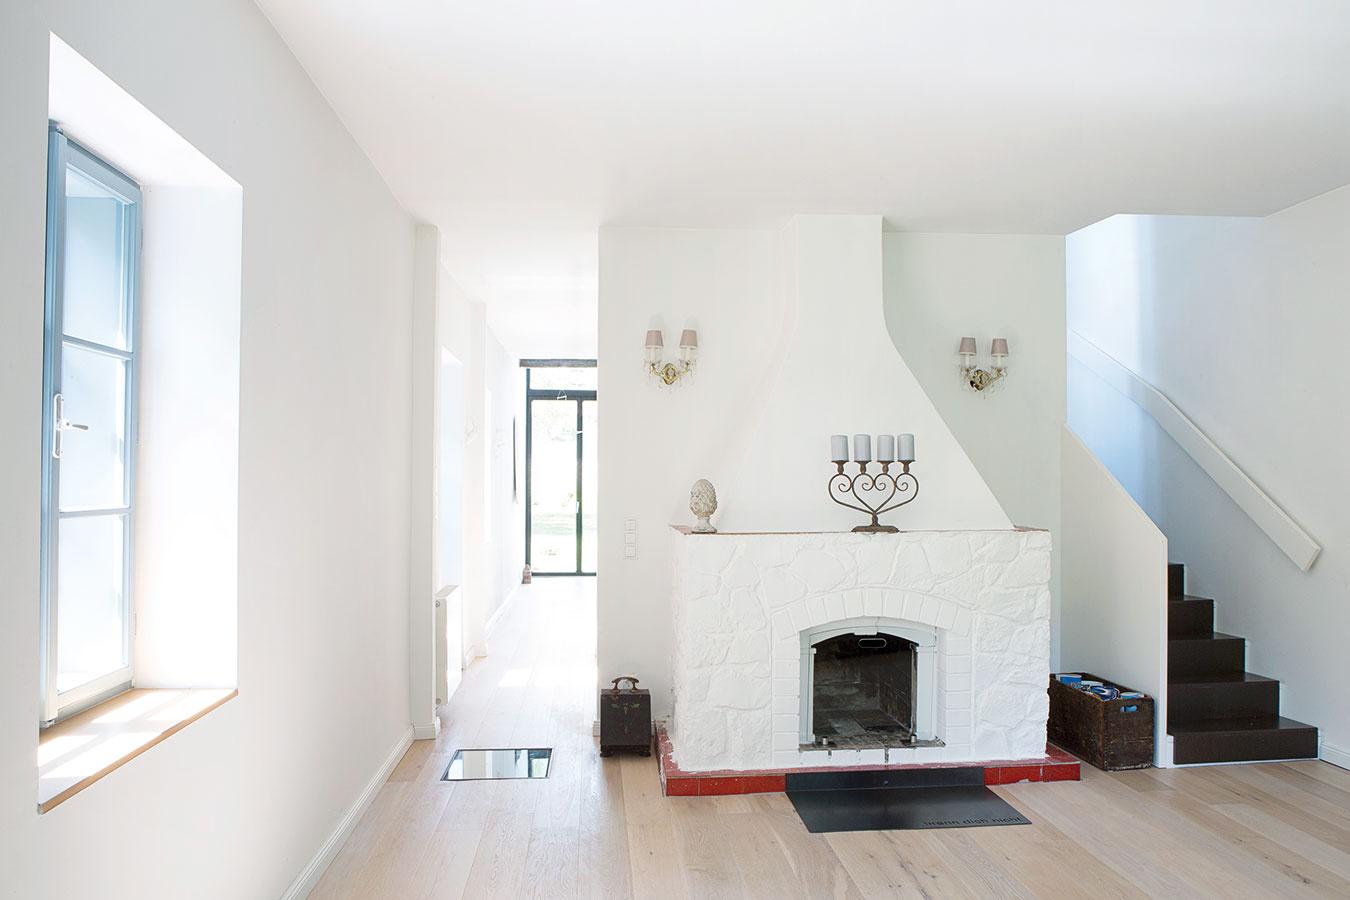 Dominantou obývačky je veľký murovaný kozub, ktorý je tradičným aprirodzeným centrom domácnosti. Okolo neho sa zjednej strany prechádza do kuchyne sjedálňou, zdruhej sa po drevenom schodisku vychádza do podkrovia – aj vďaka riešeniu sminimom dverí vyzerá prízemie otvorene acelistvo.